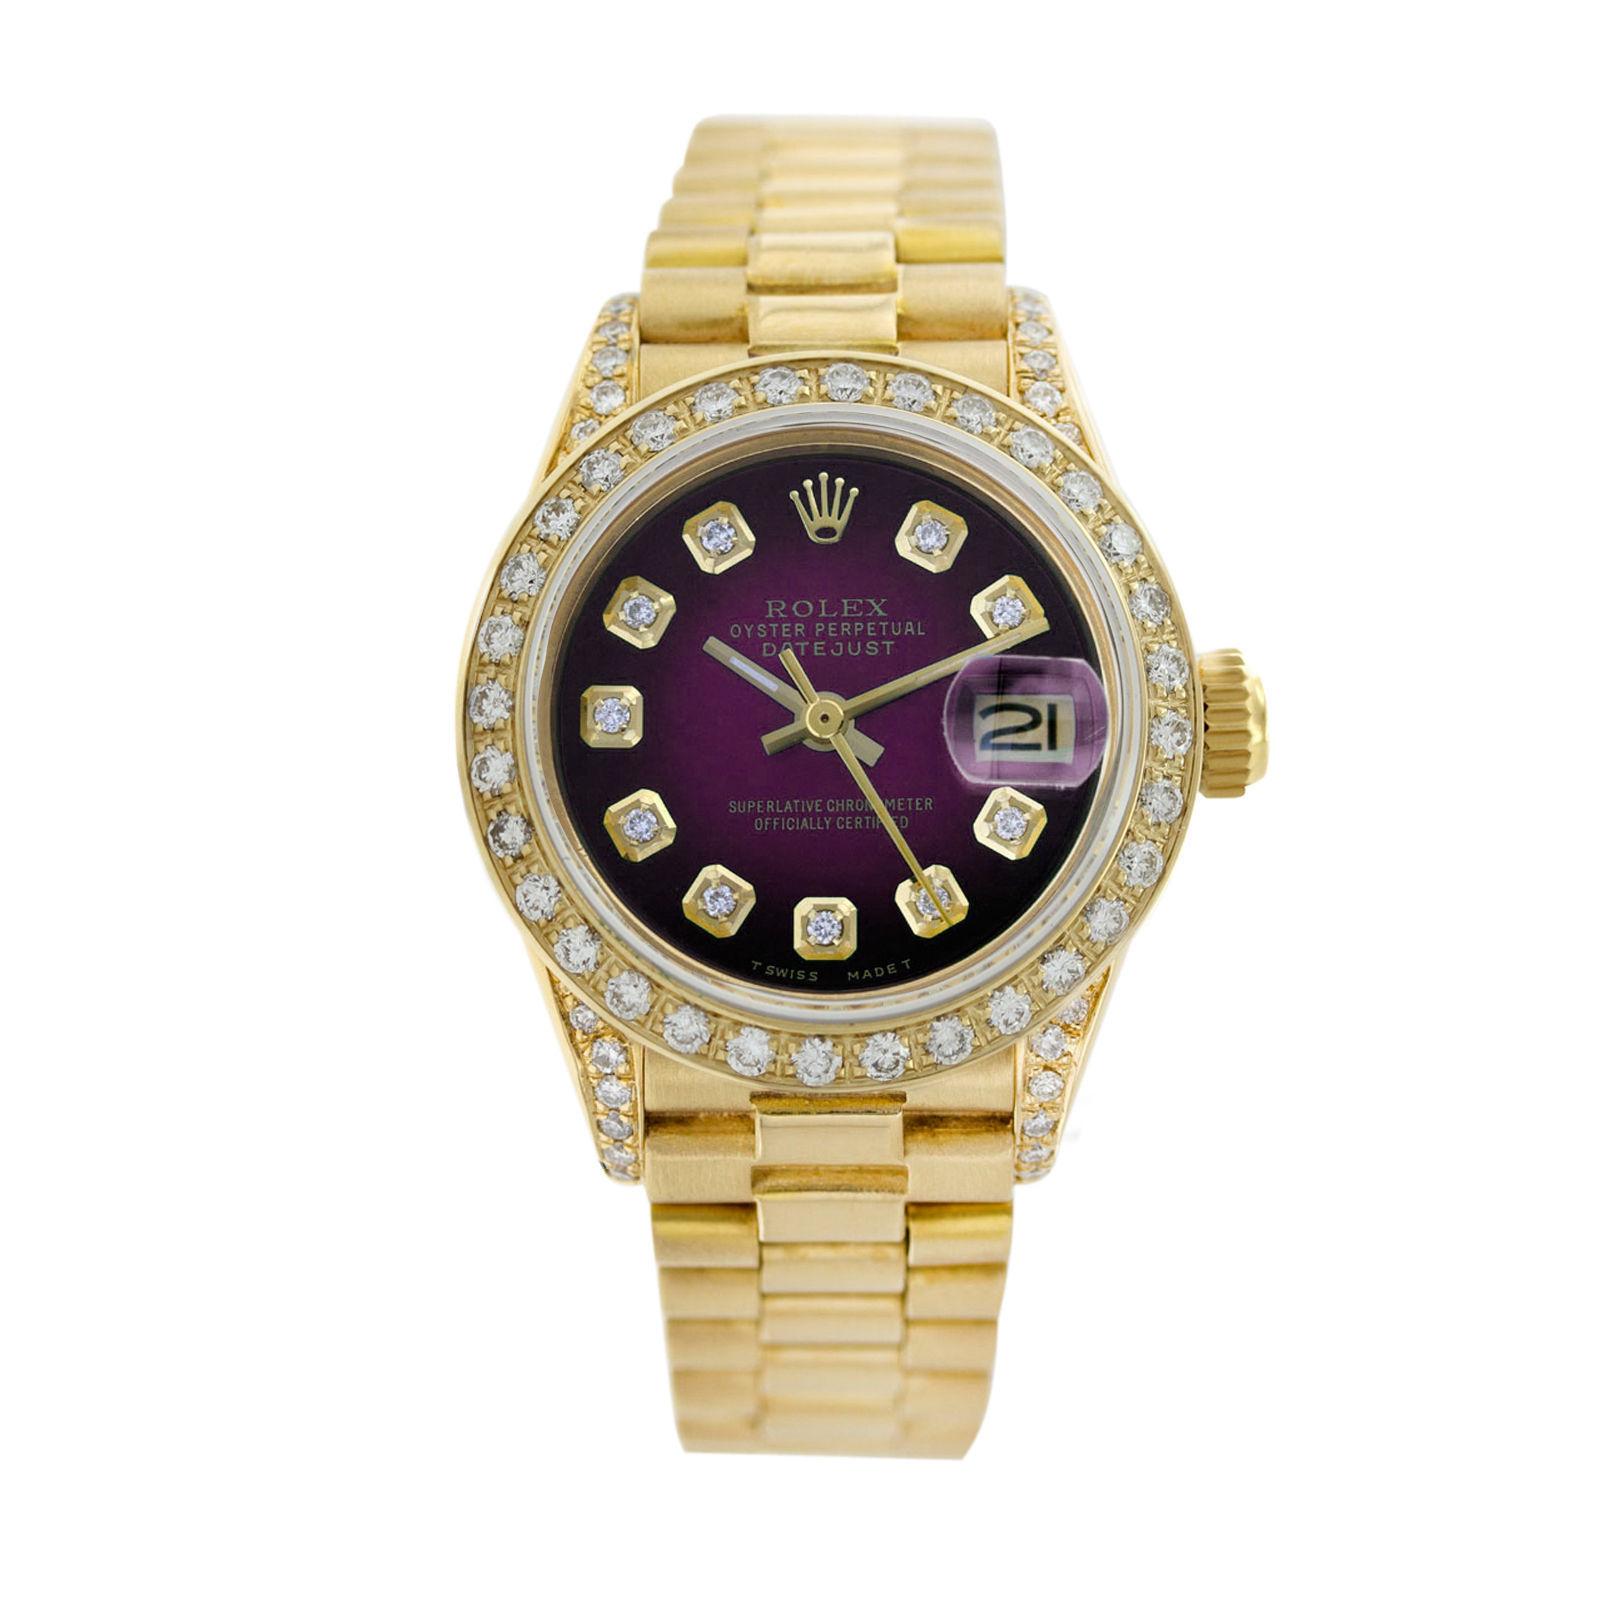 Rolex Datejust 6917 18K Gold Diamond Dial/Diamond Bezel 26mm Women Watch